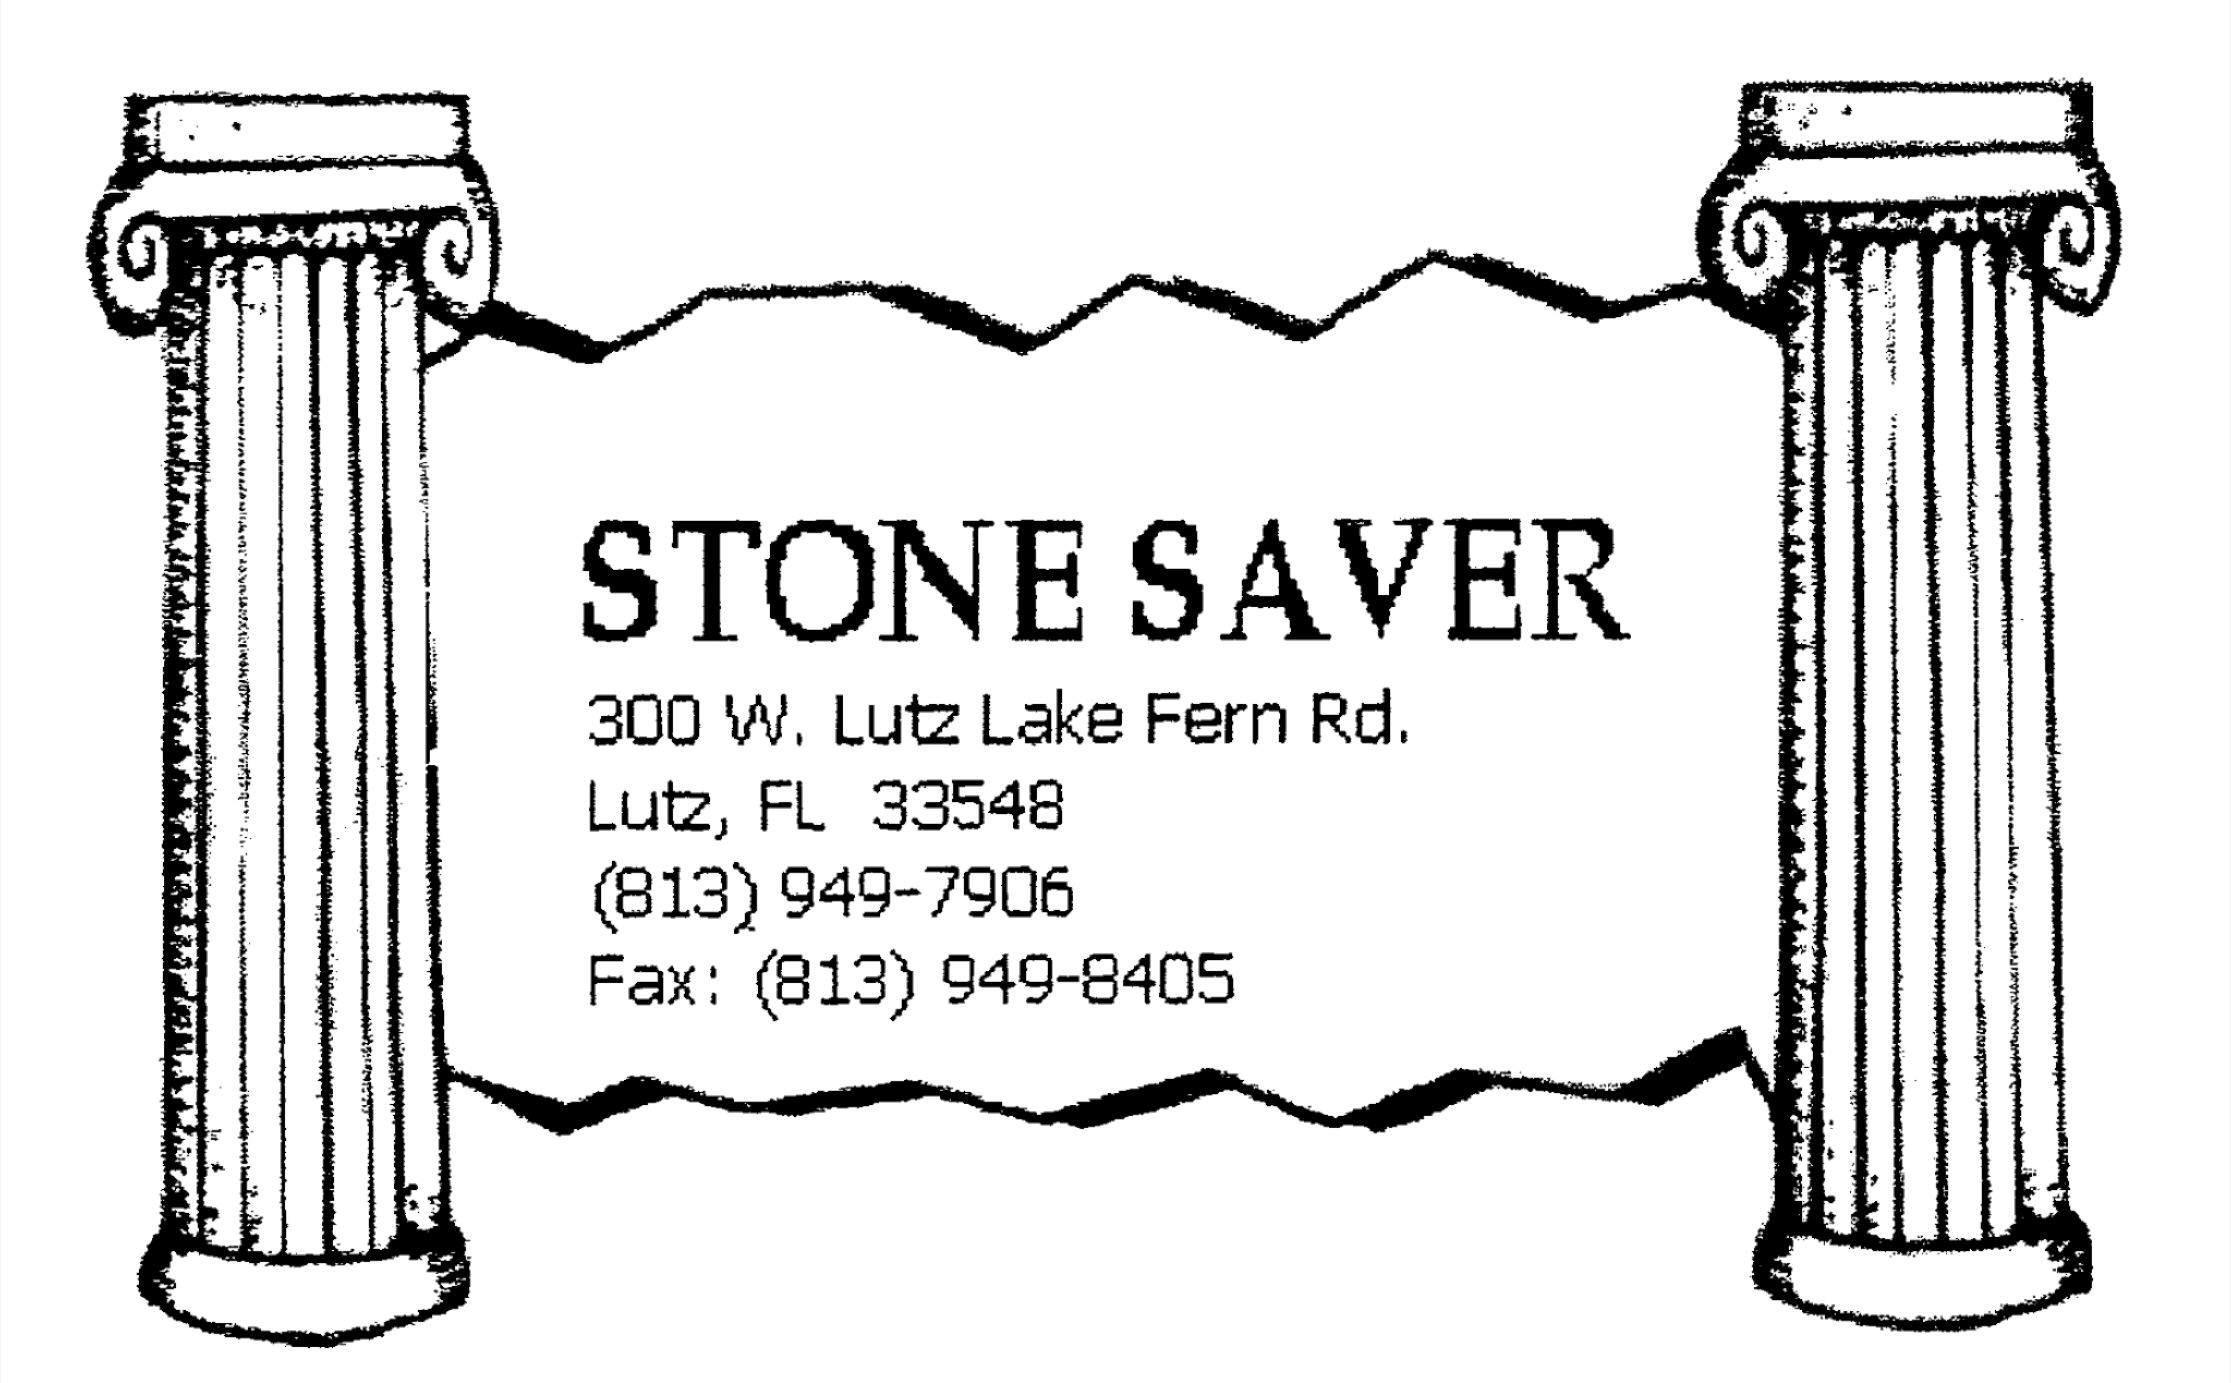 Stone Saver